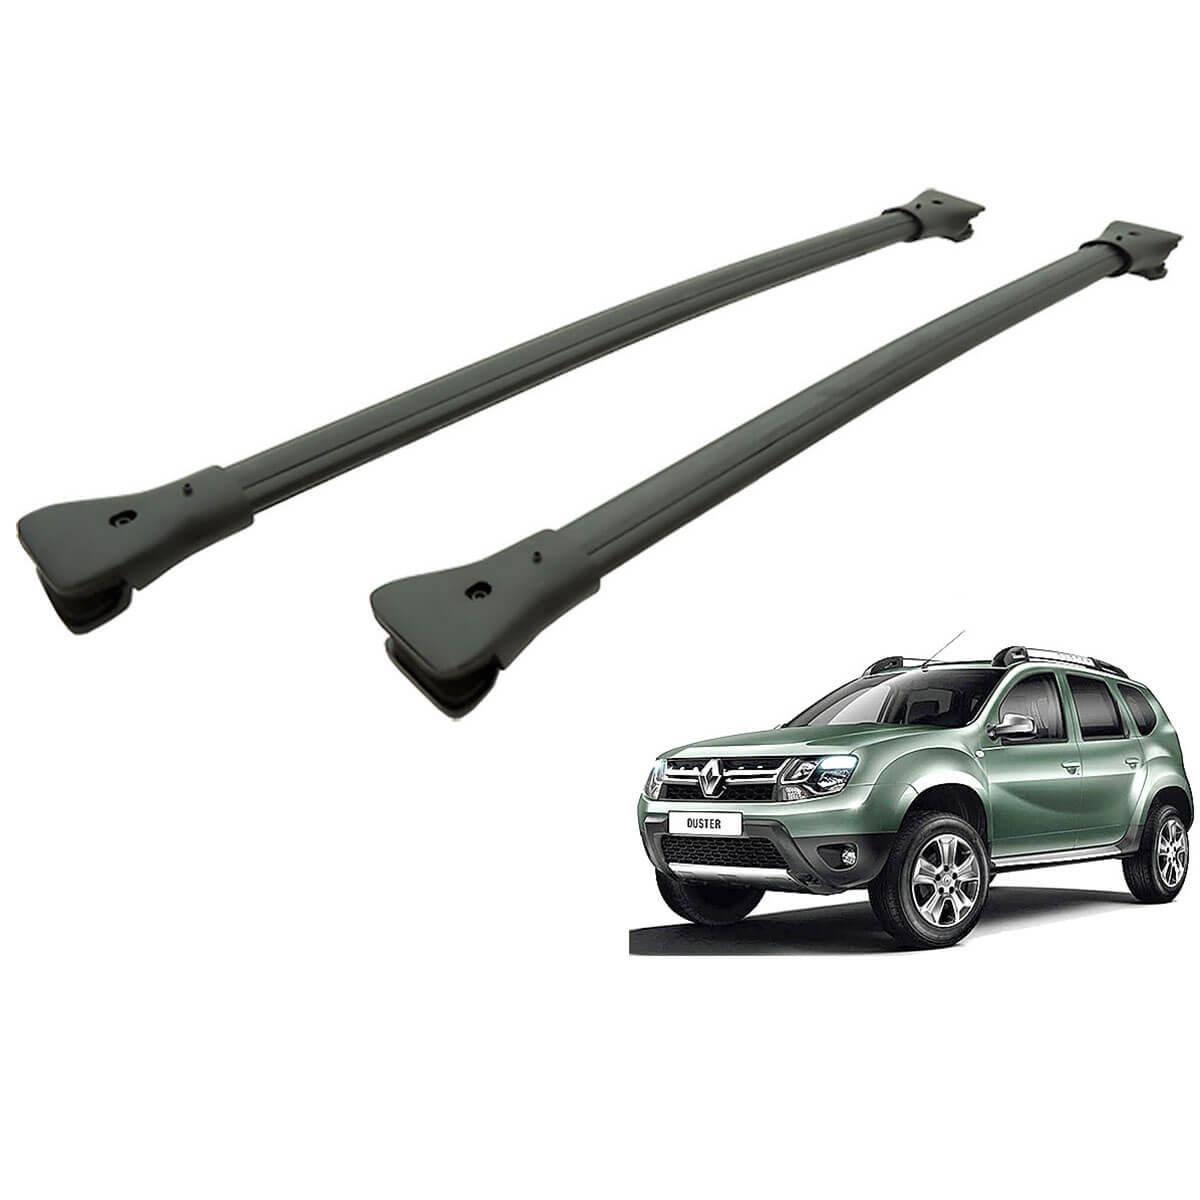 Travessa rack de teto larga preta alumínio Duster 2016 2017